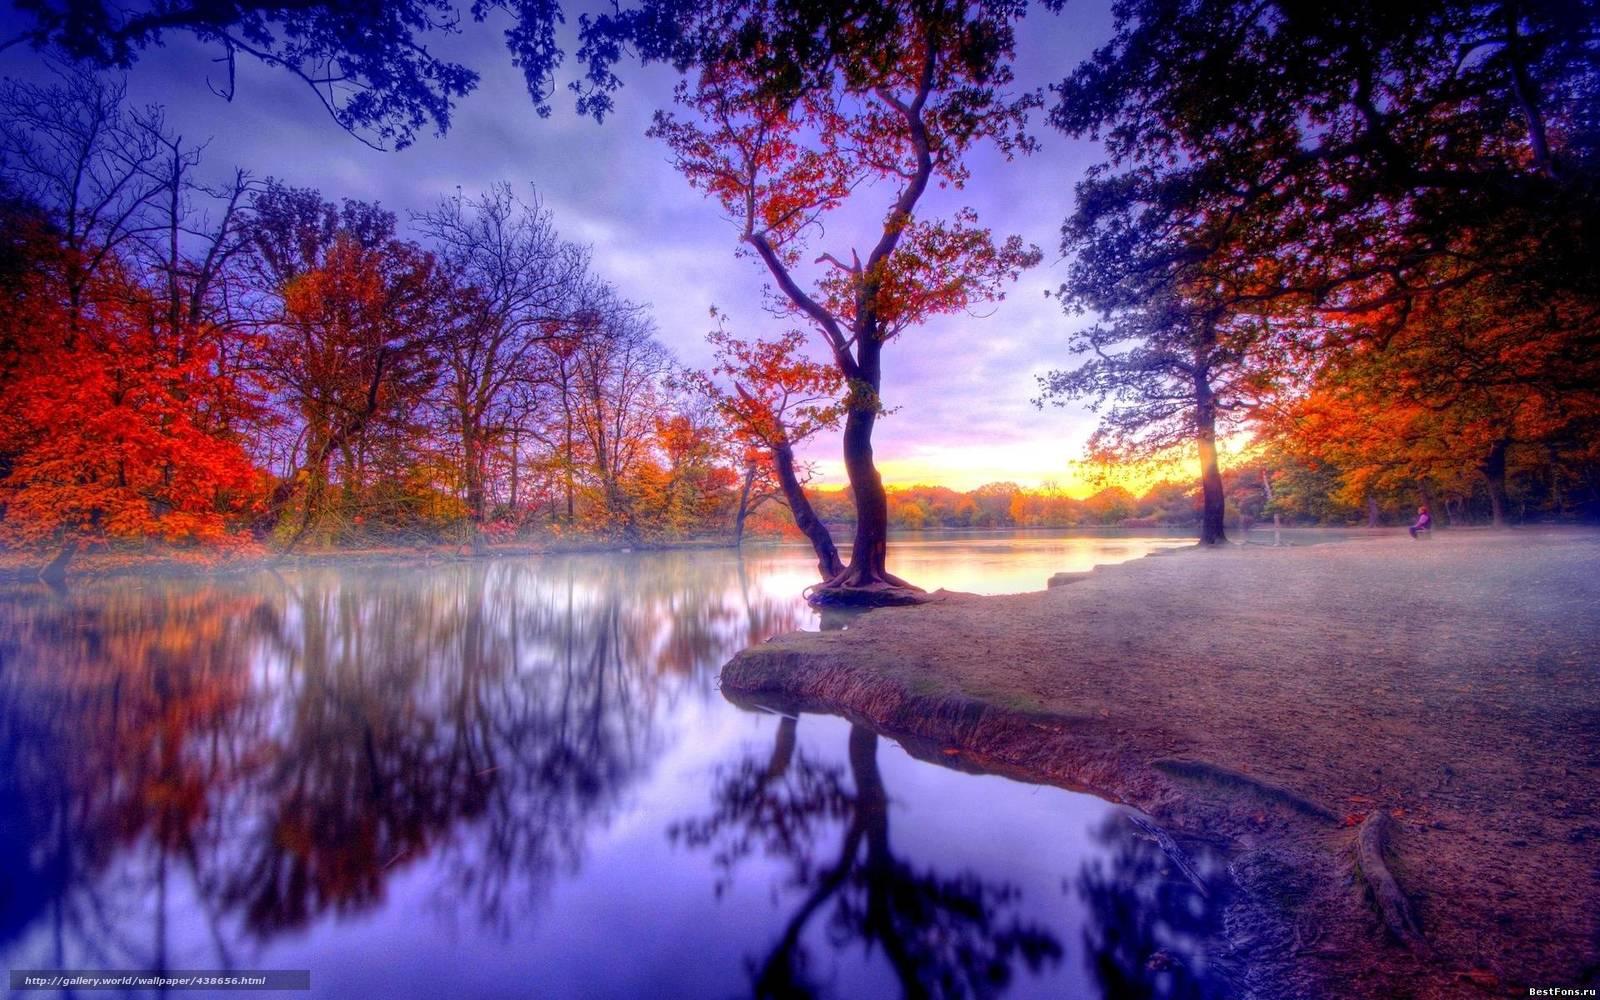 Scaricare gli sfondi autunno acqua alberi paesaggio for Immagini per desktop natura